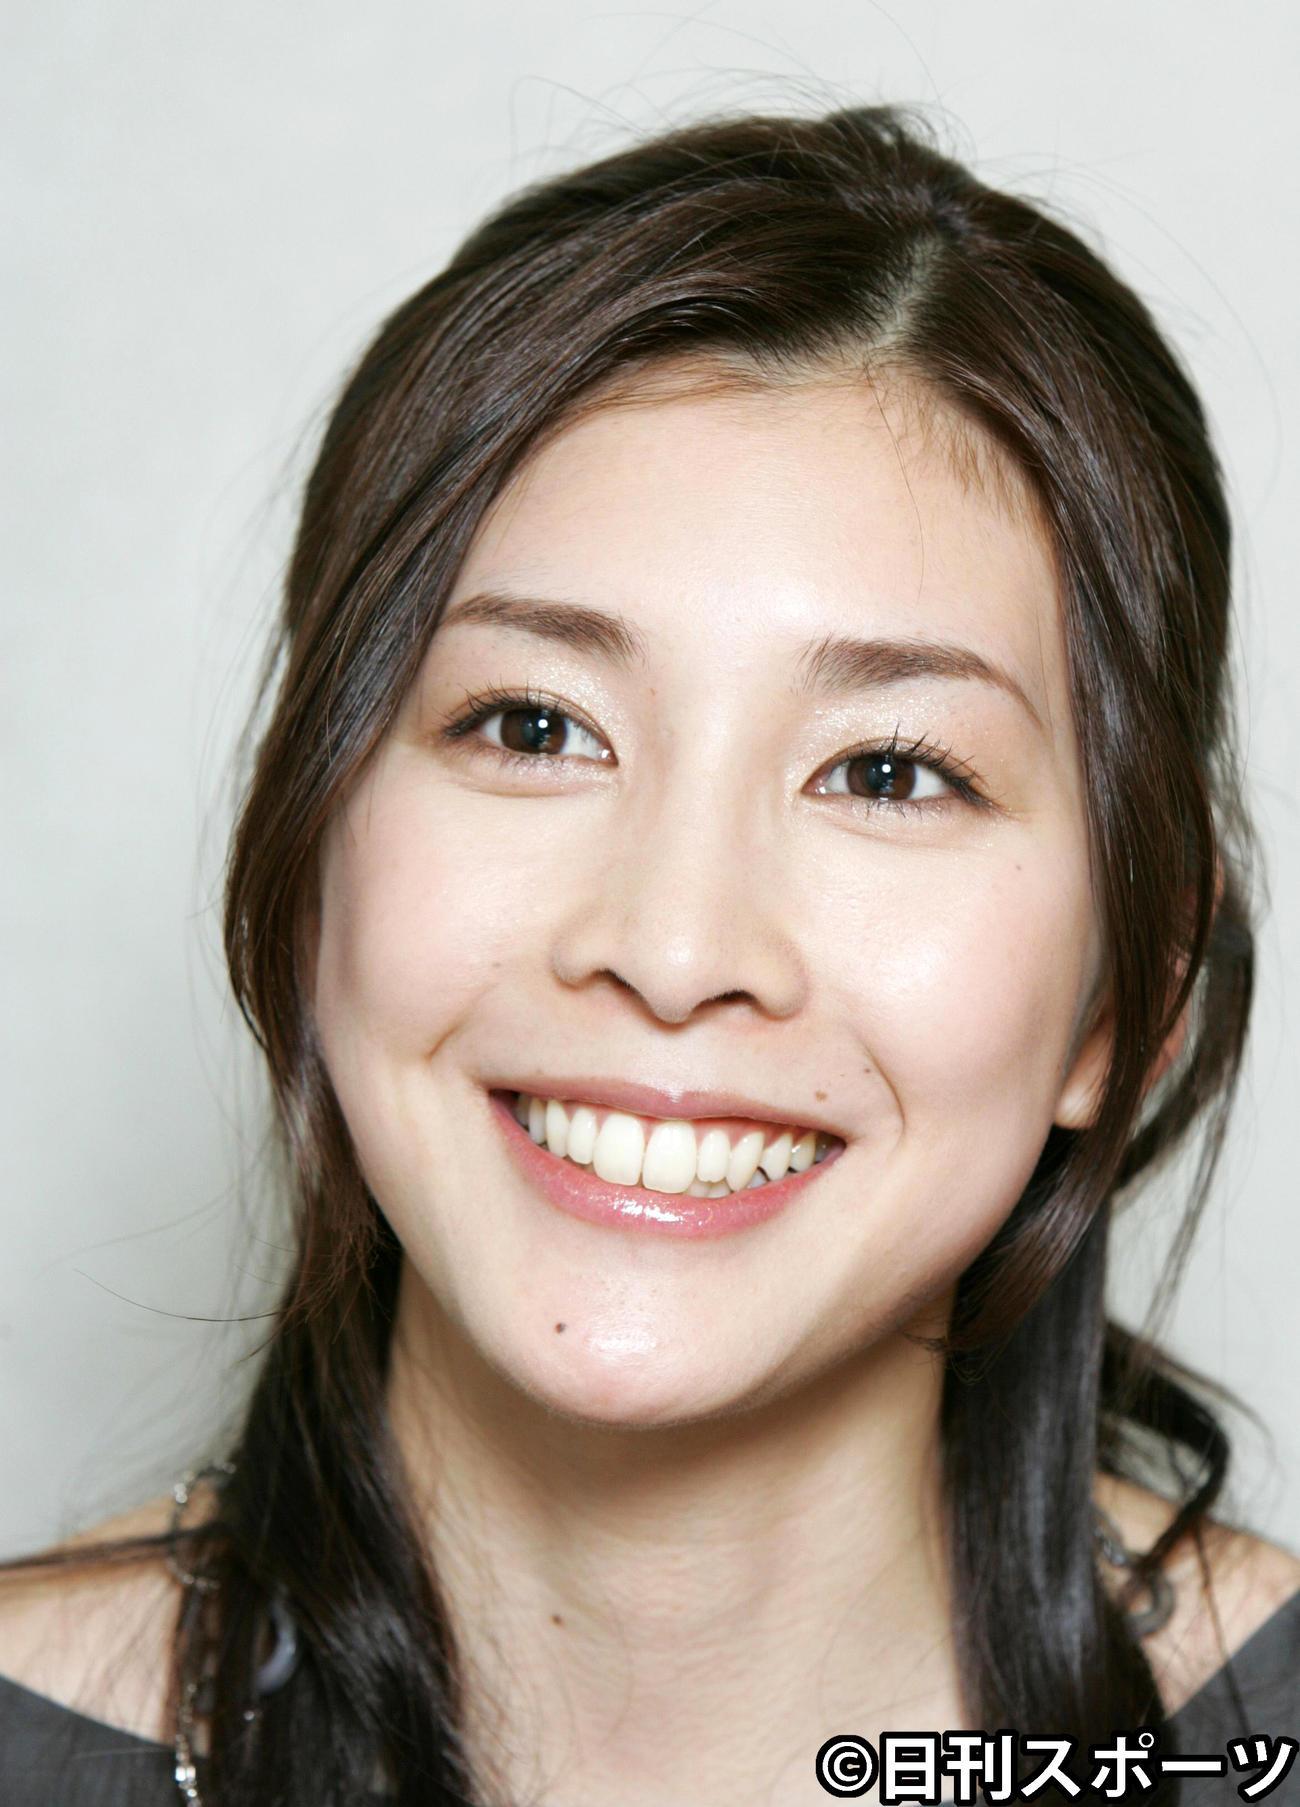 07年11月、インタビューで笑顔を見せる竹内結子さん